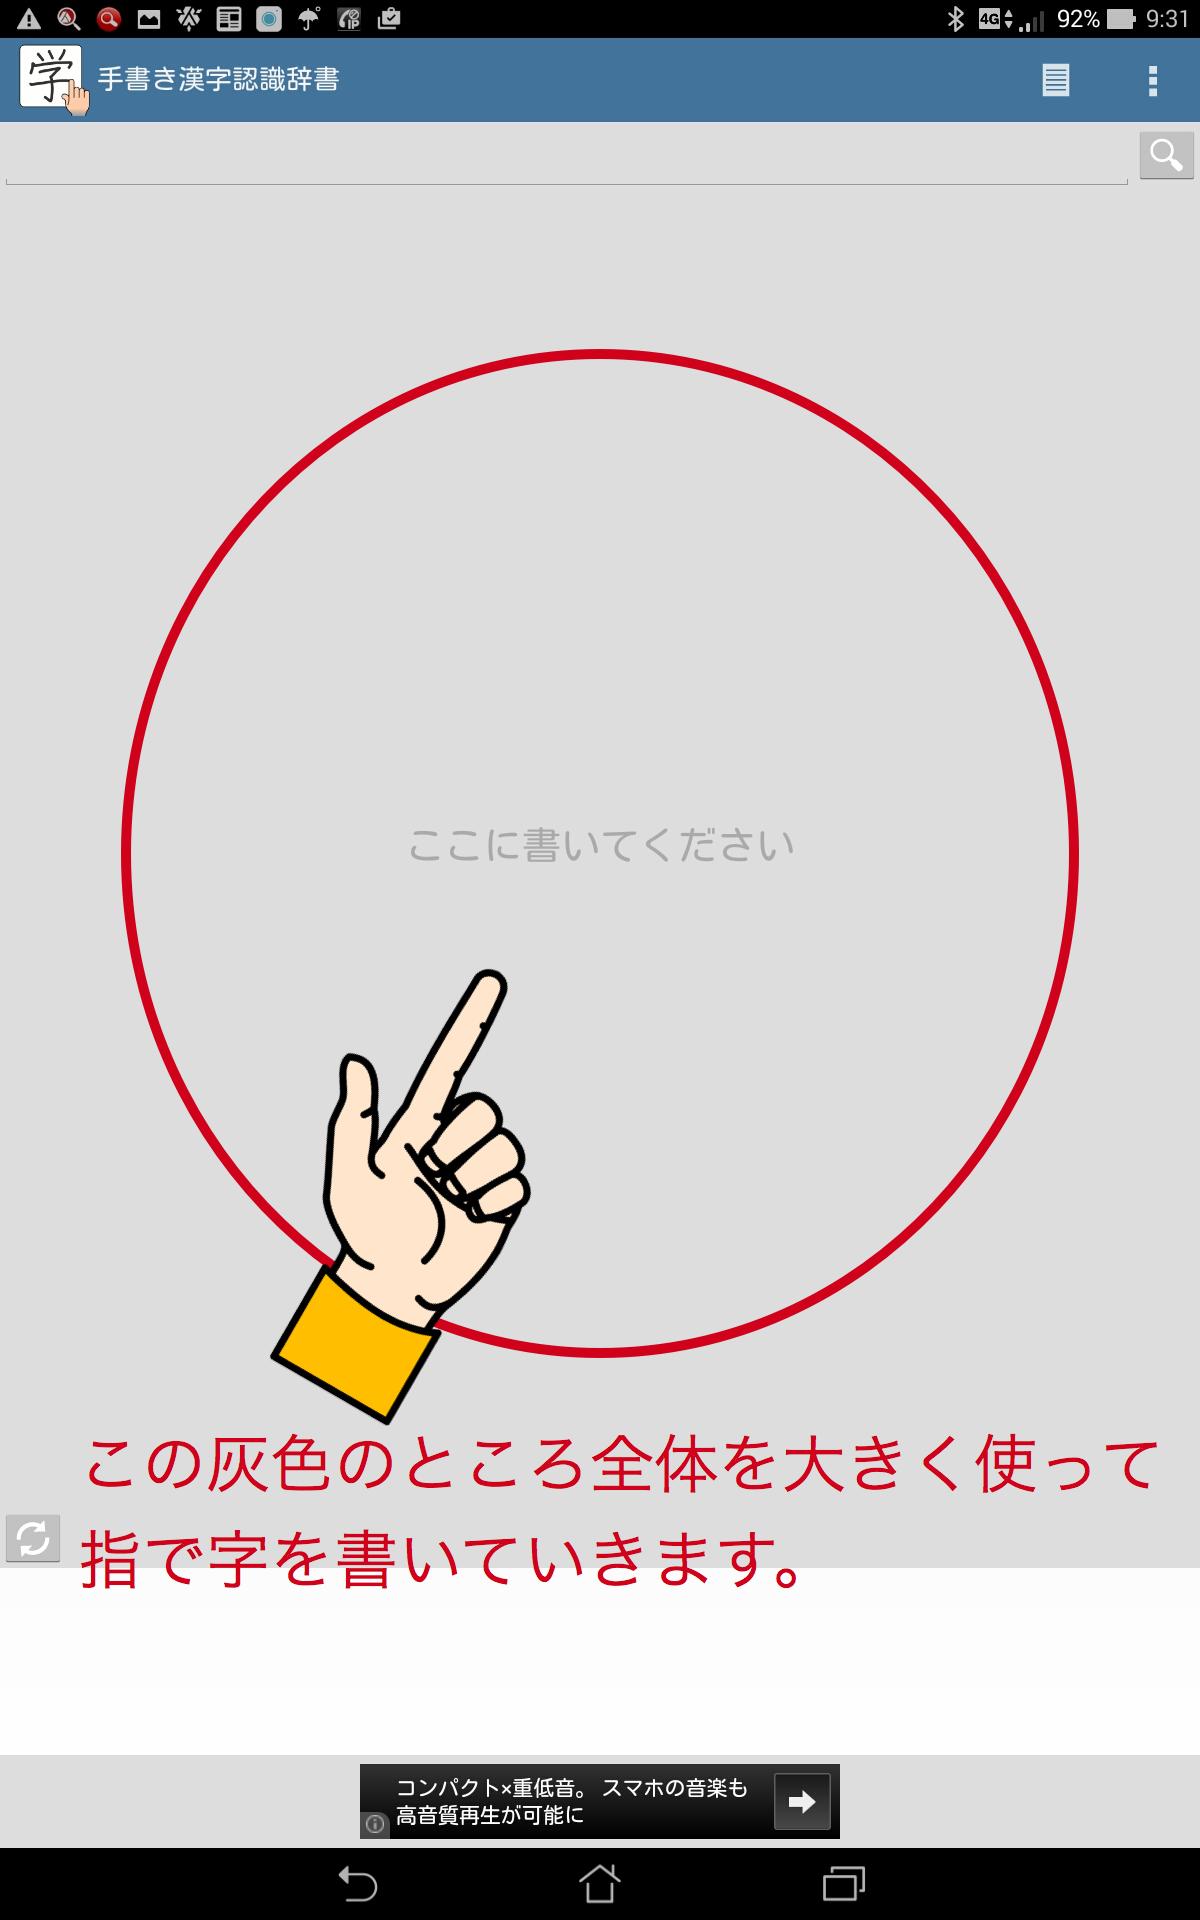 読め ない 漢字 を 調べる 方法